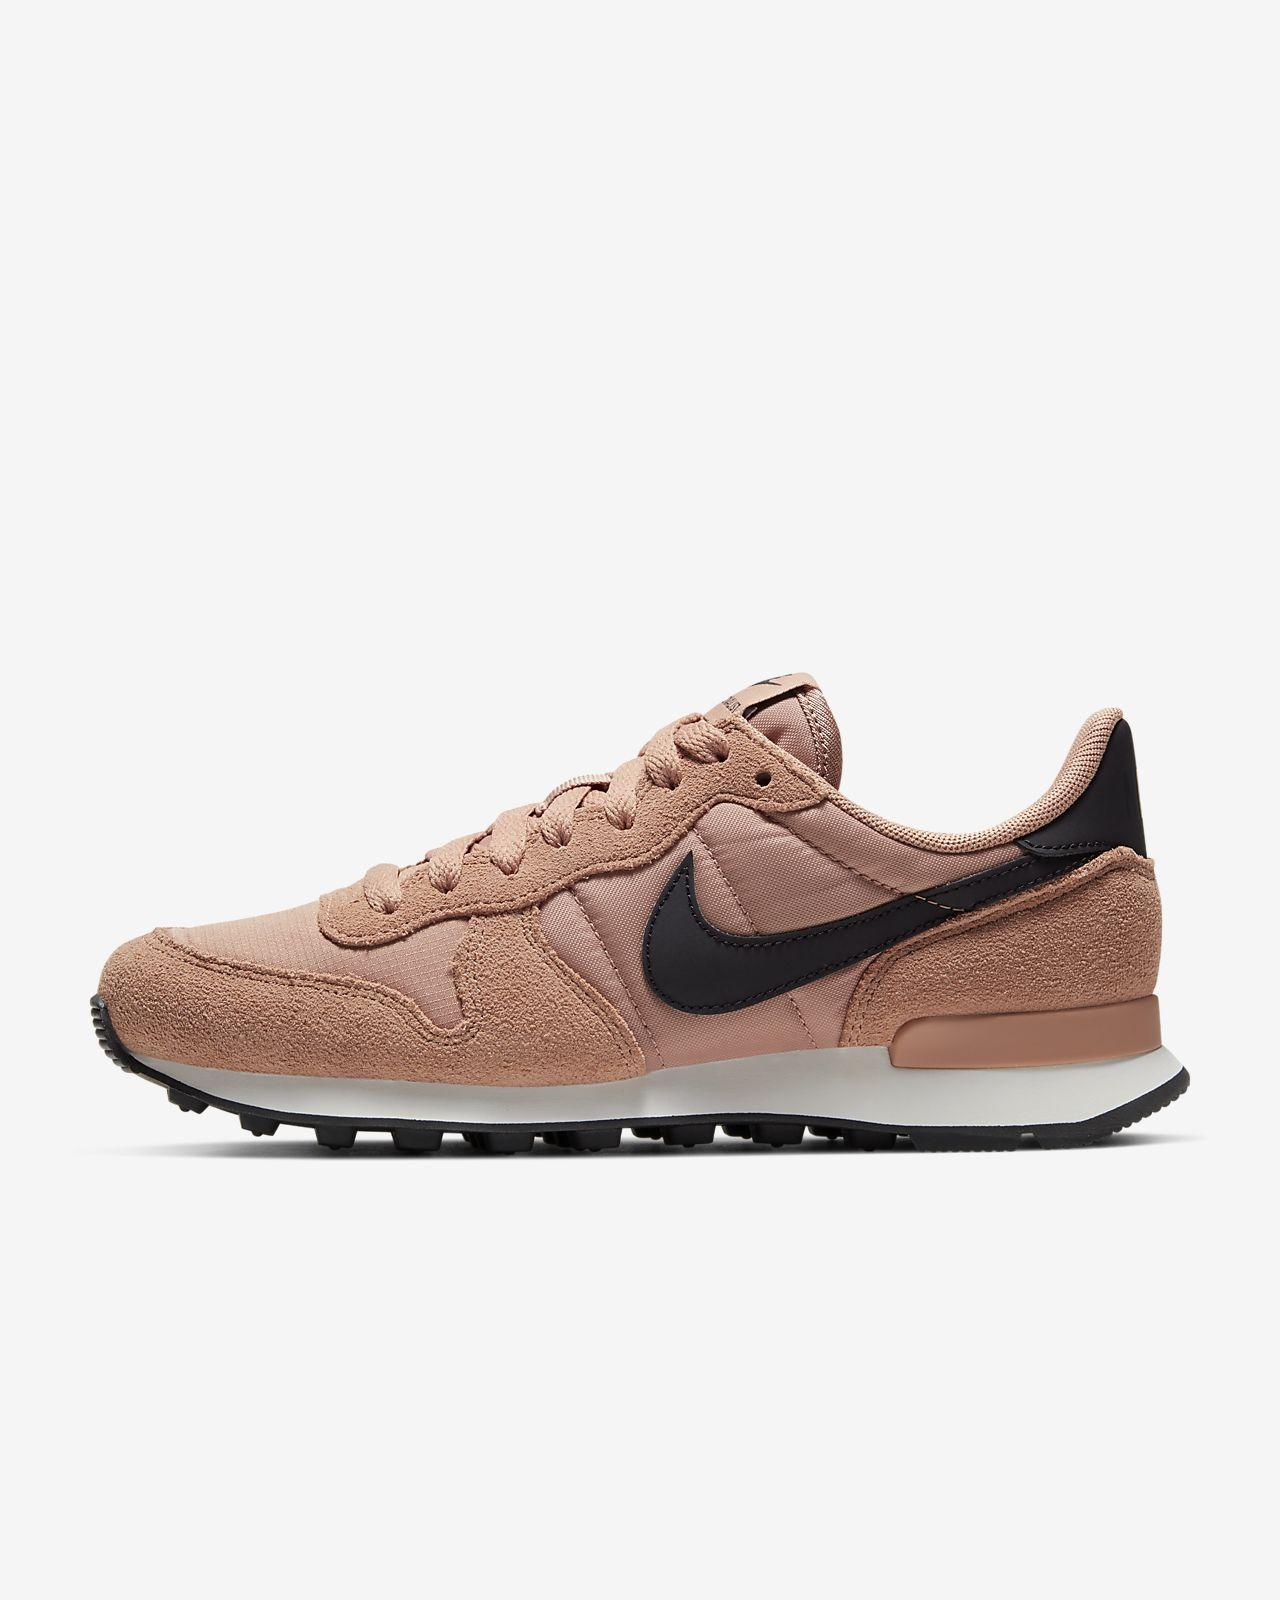 05666399b788 Low Resolution Buty damskie Nike Internationalist Buty damskie Nike  Internationalist